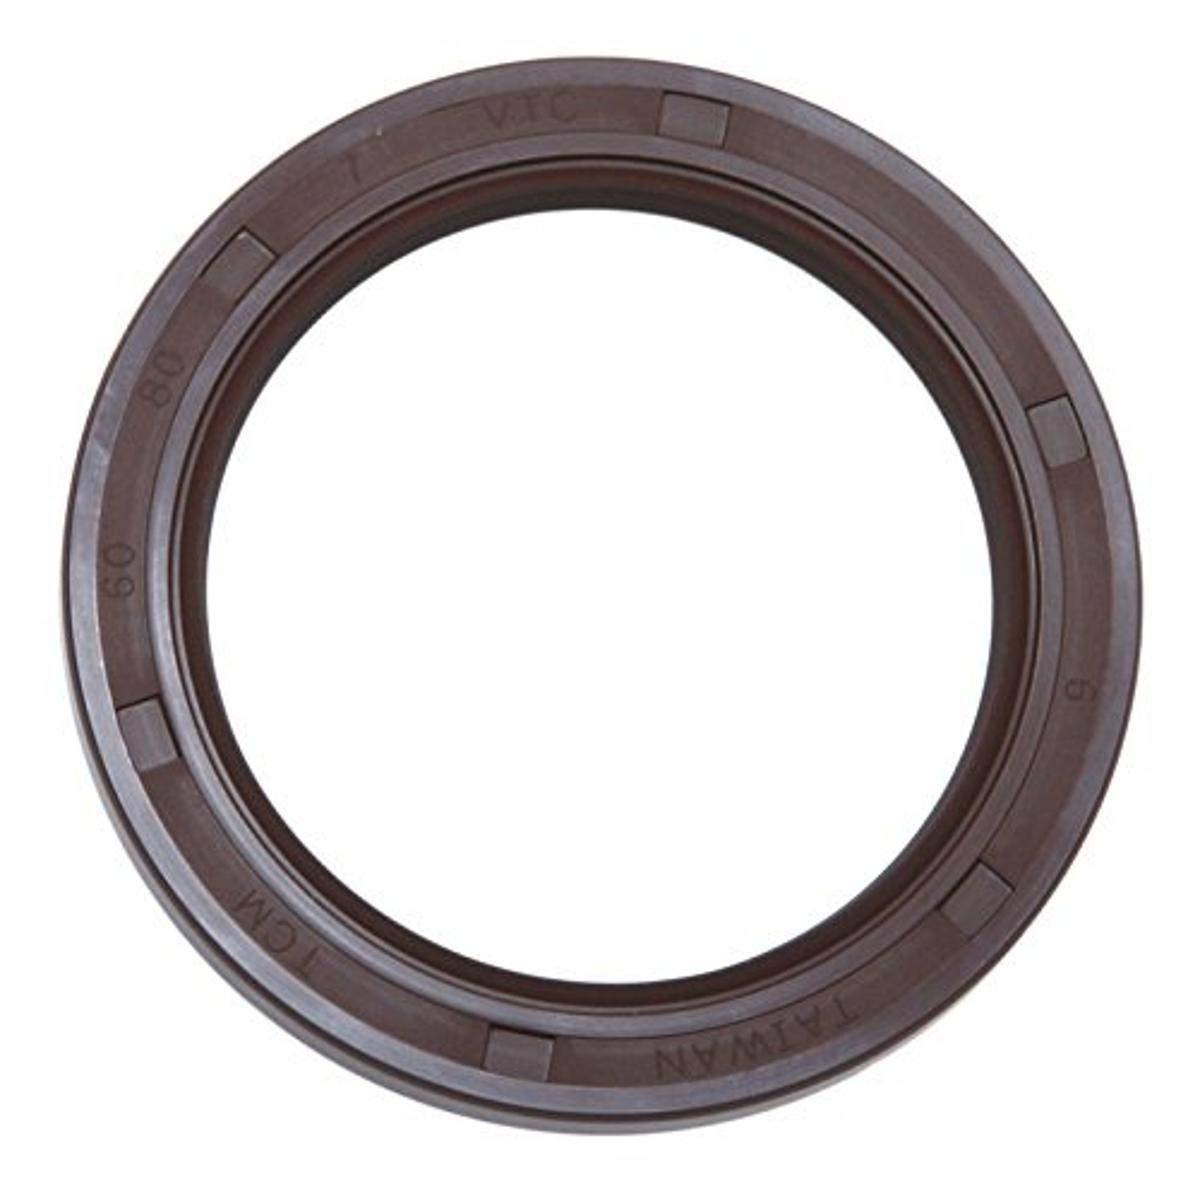 TC Type TCM 16X32X7TC-BX FKM//Carbon Steel Oil Seal 0.630 x 1.260 x 0.276